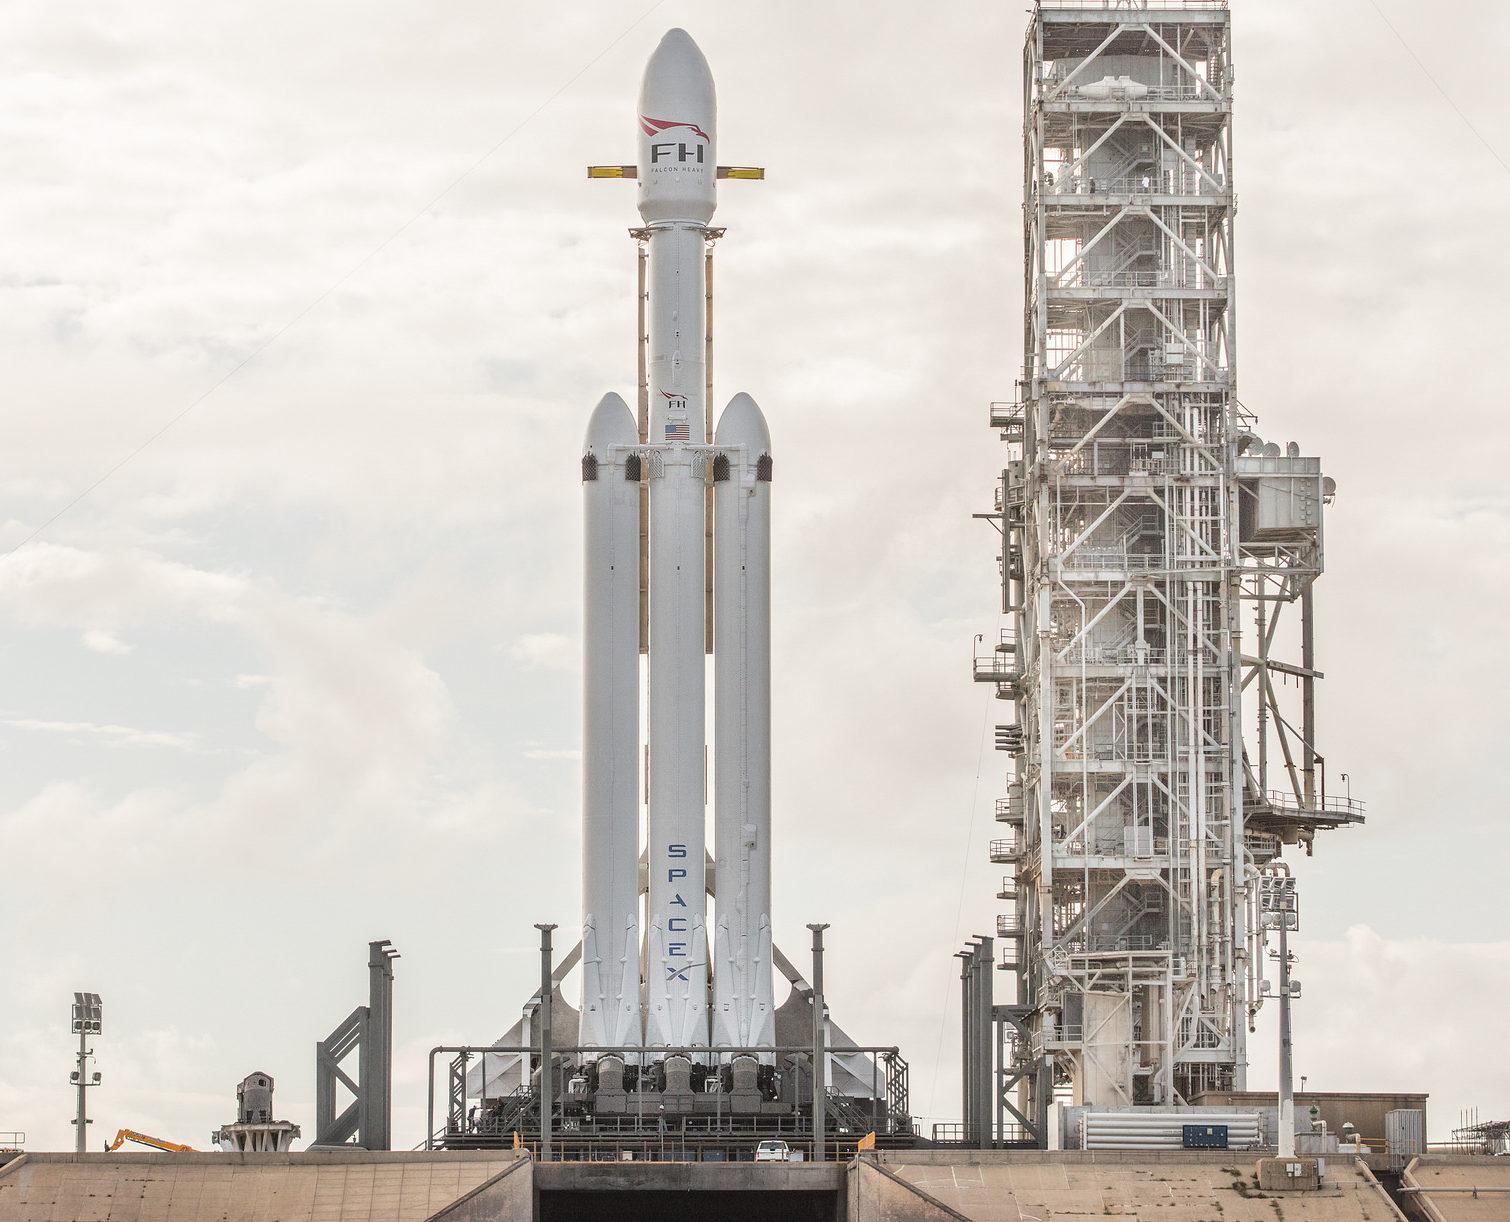 ВSpaceX провели успешные тестирования ракеты Falcon Heavy